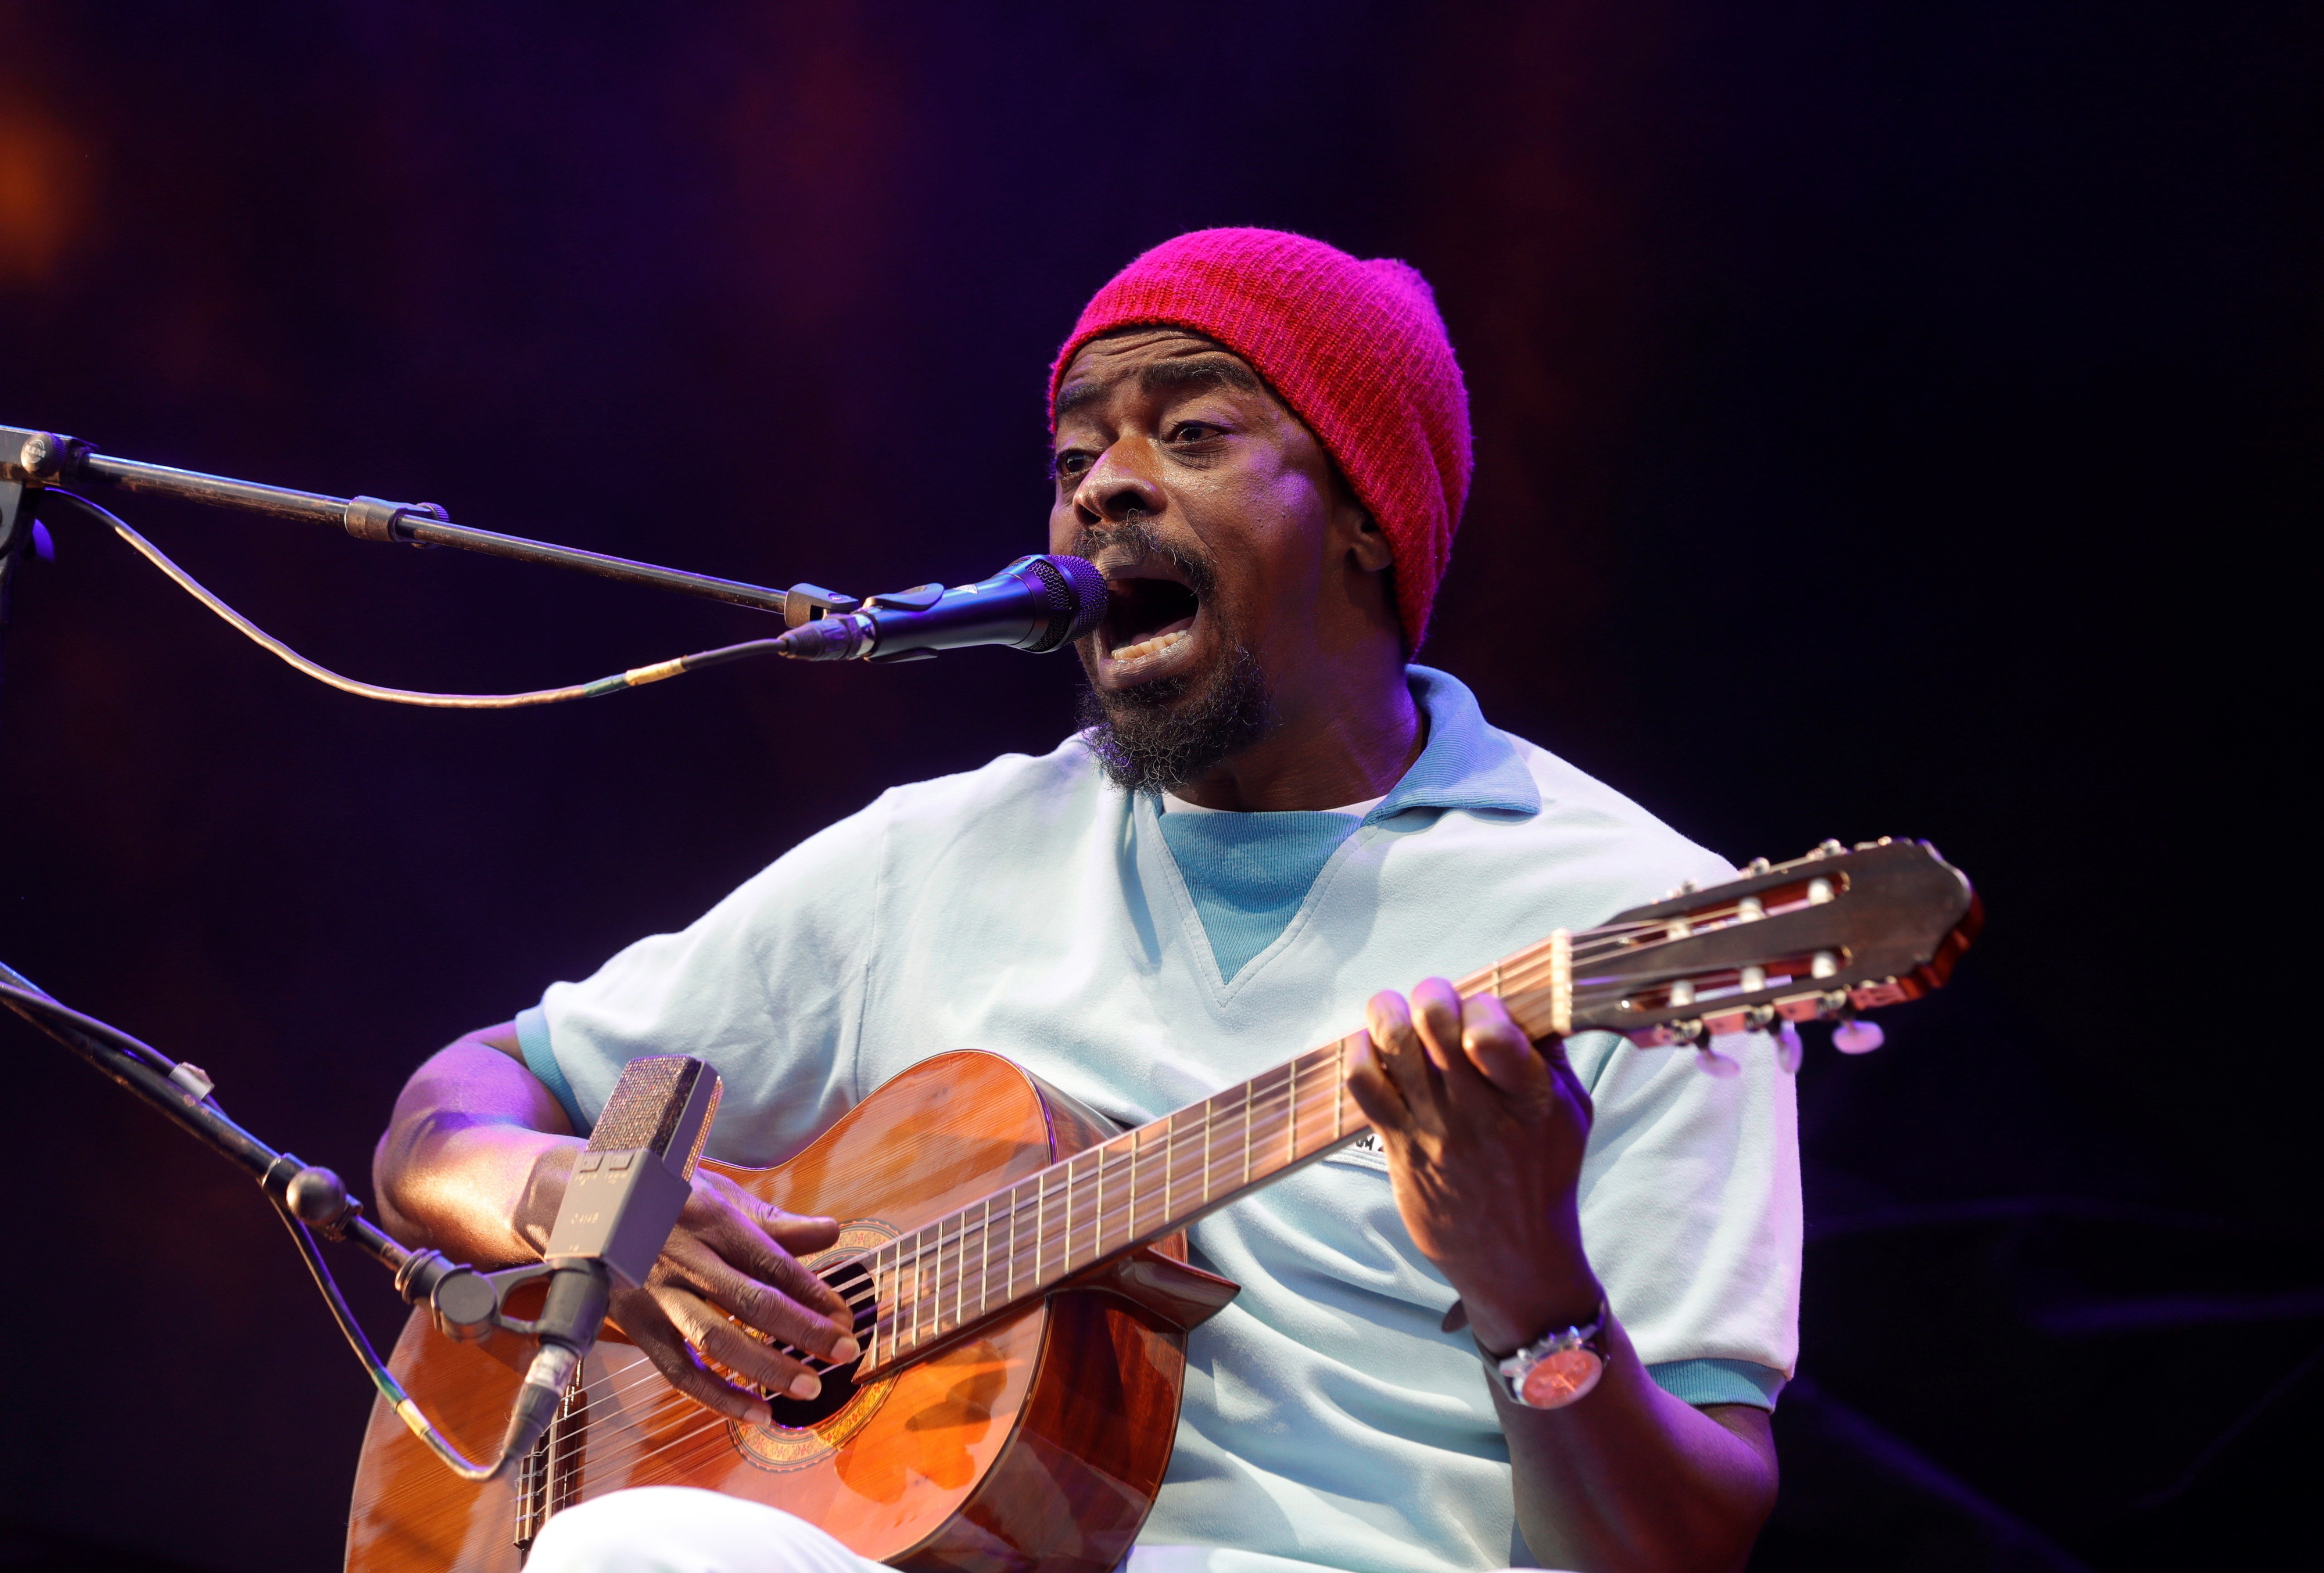 Músico brasileiro Seu Jorge atua no EA LIVE Évora a 18 de agosto